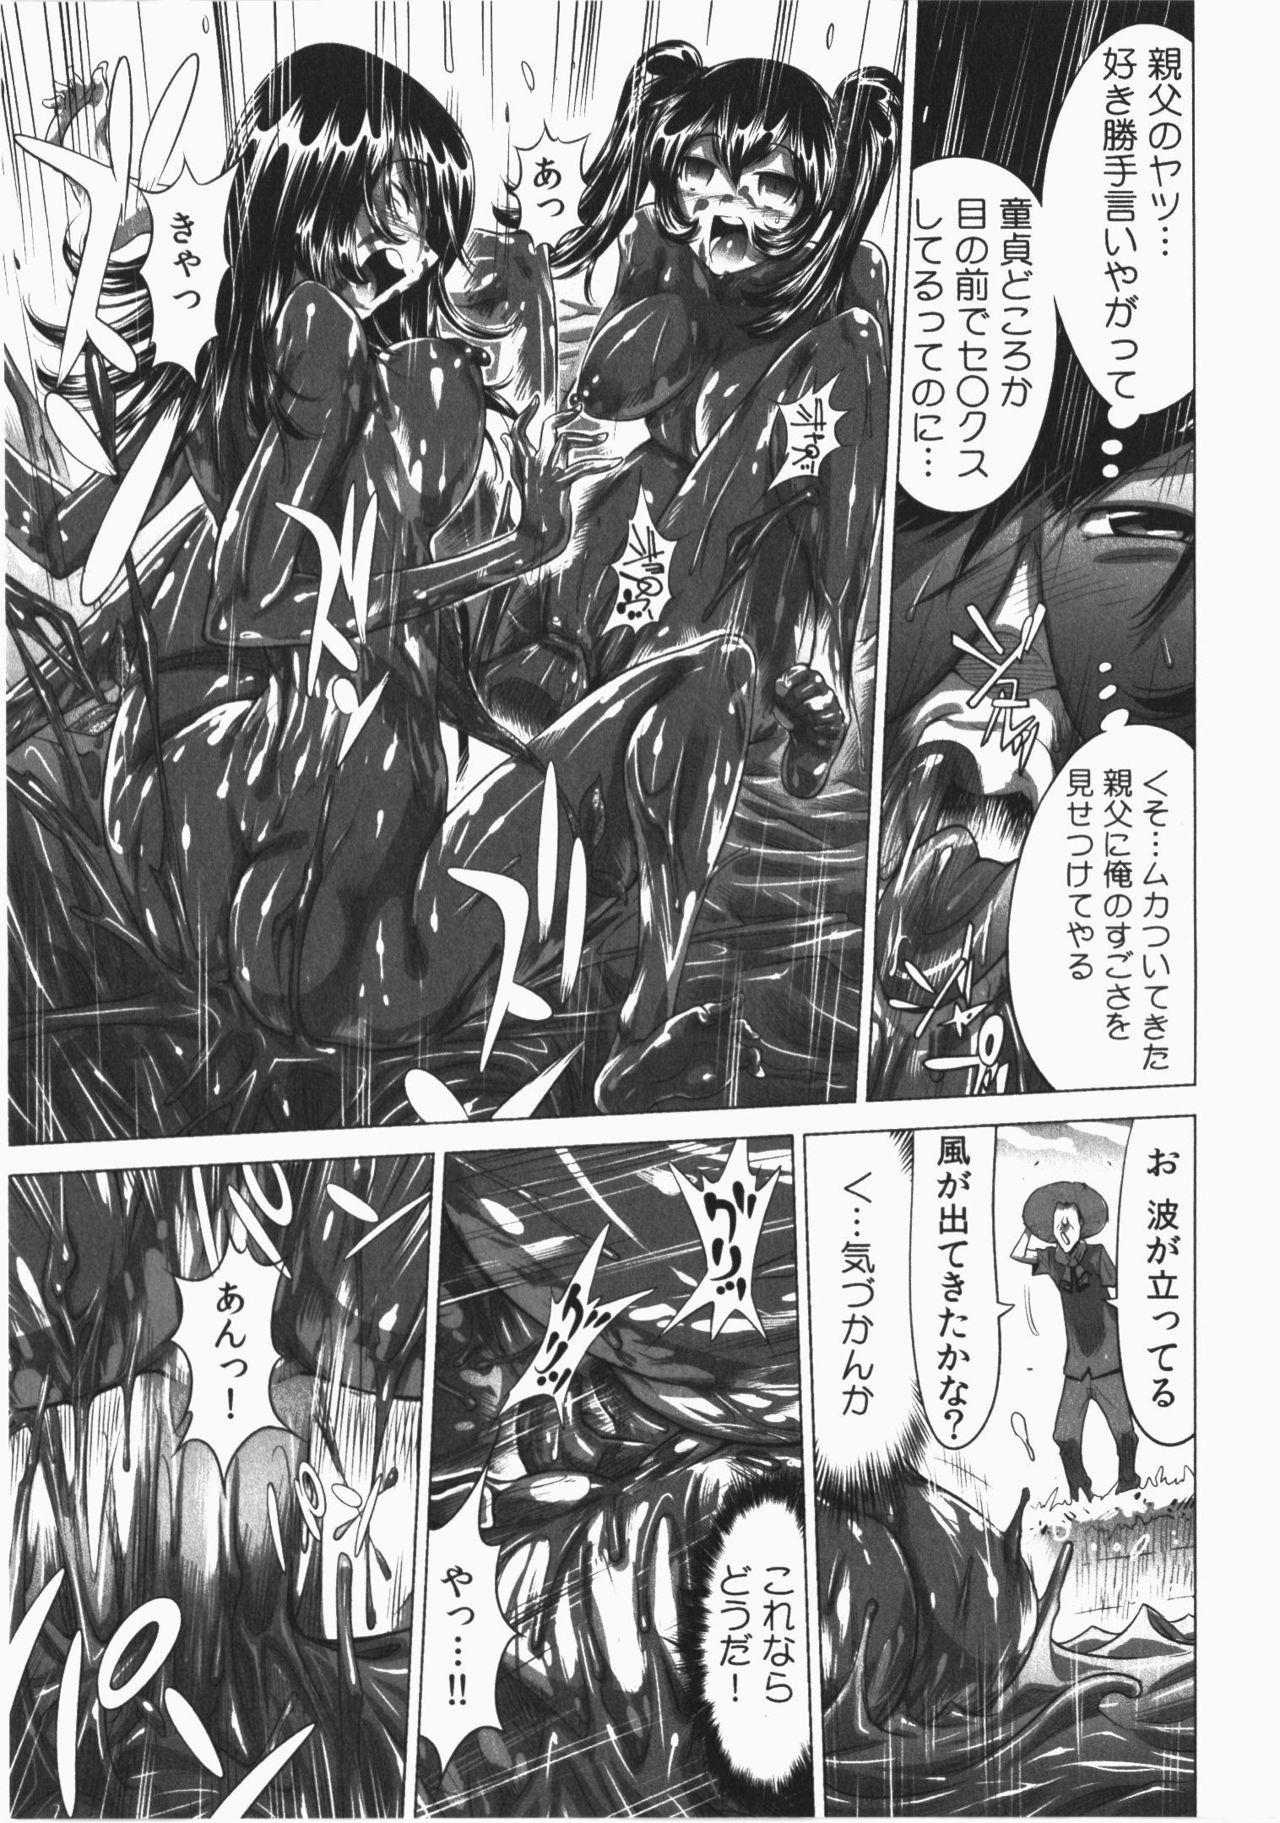 Ukkari Haicchatta! Itoko to Micchaku Game Chuu 190